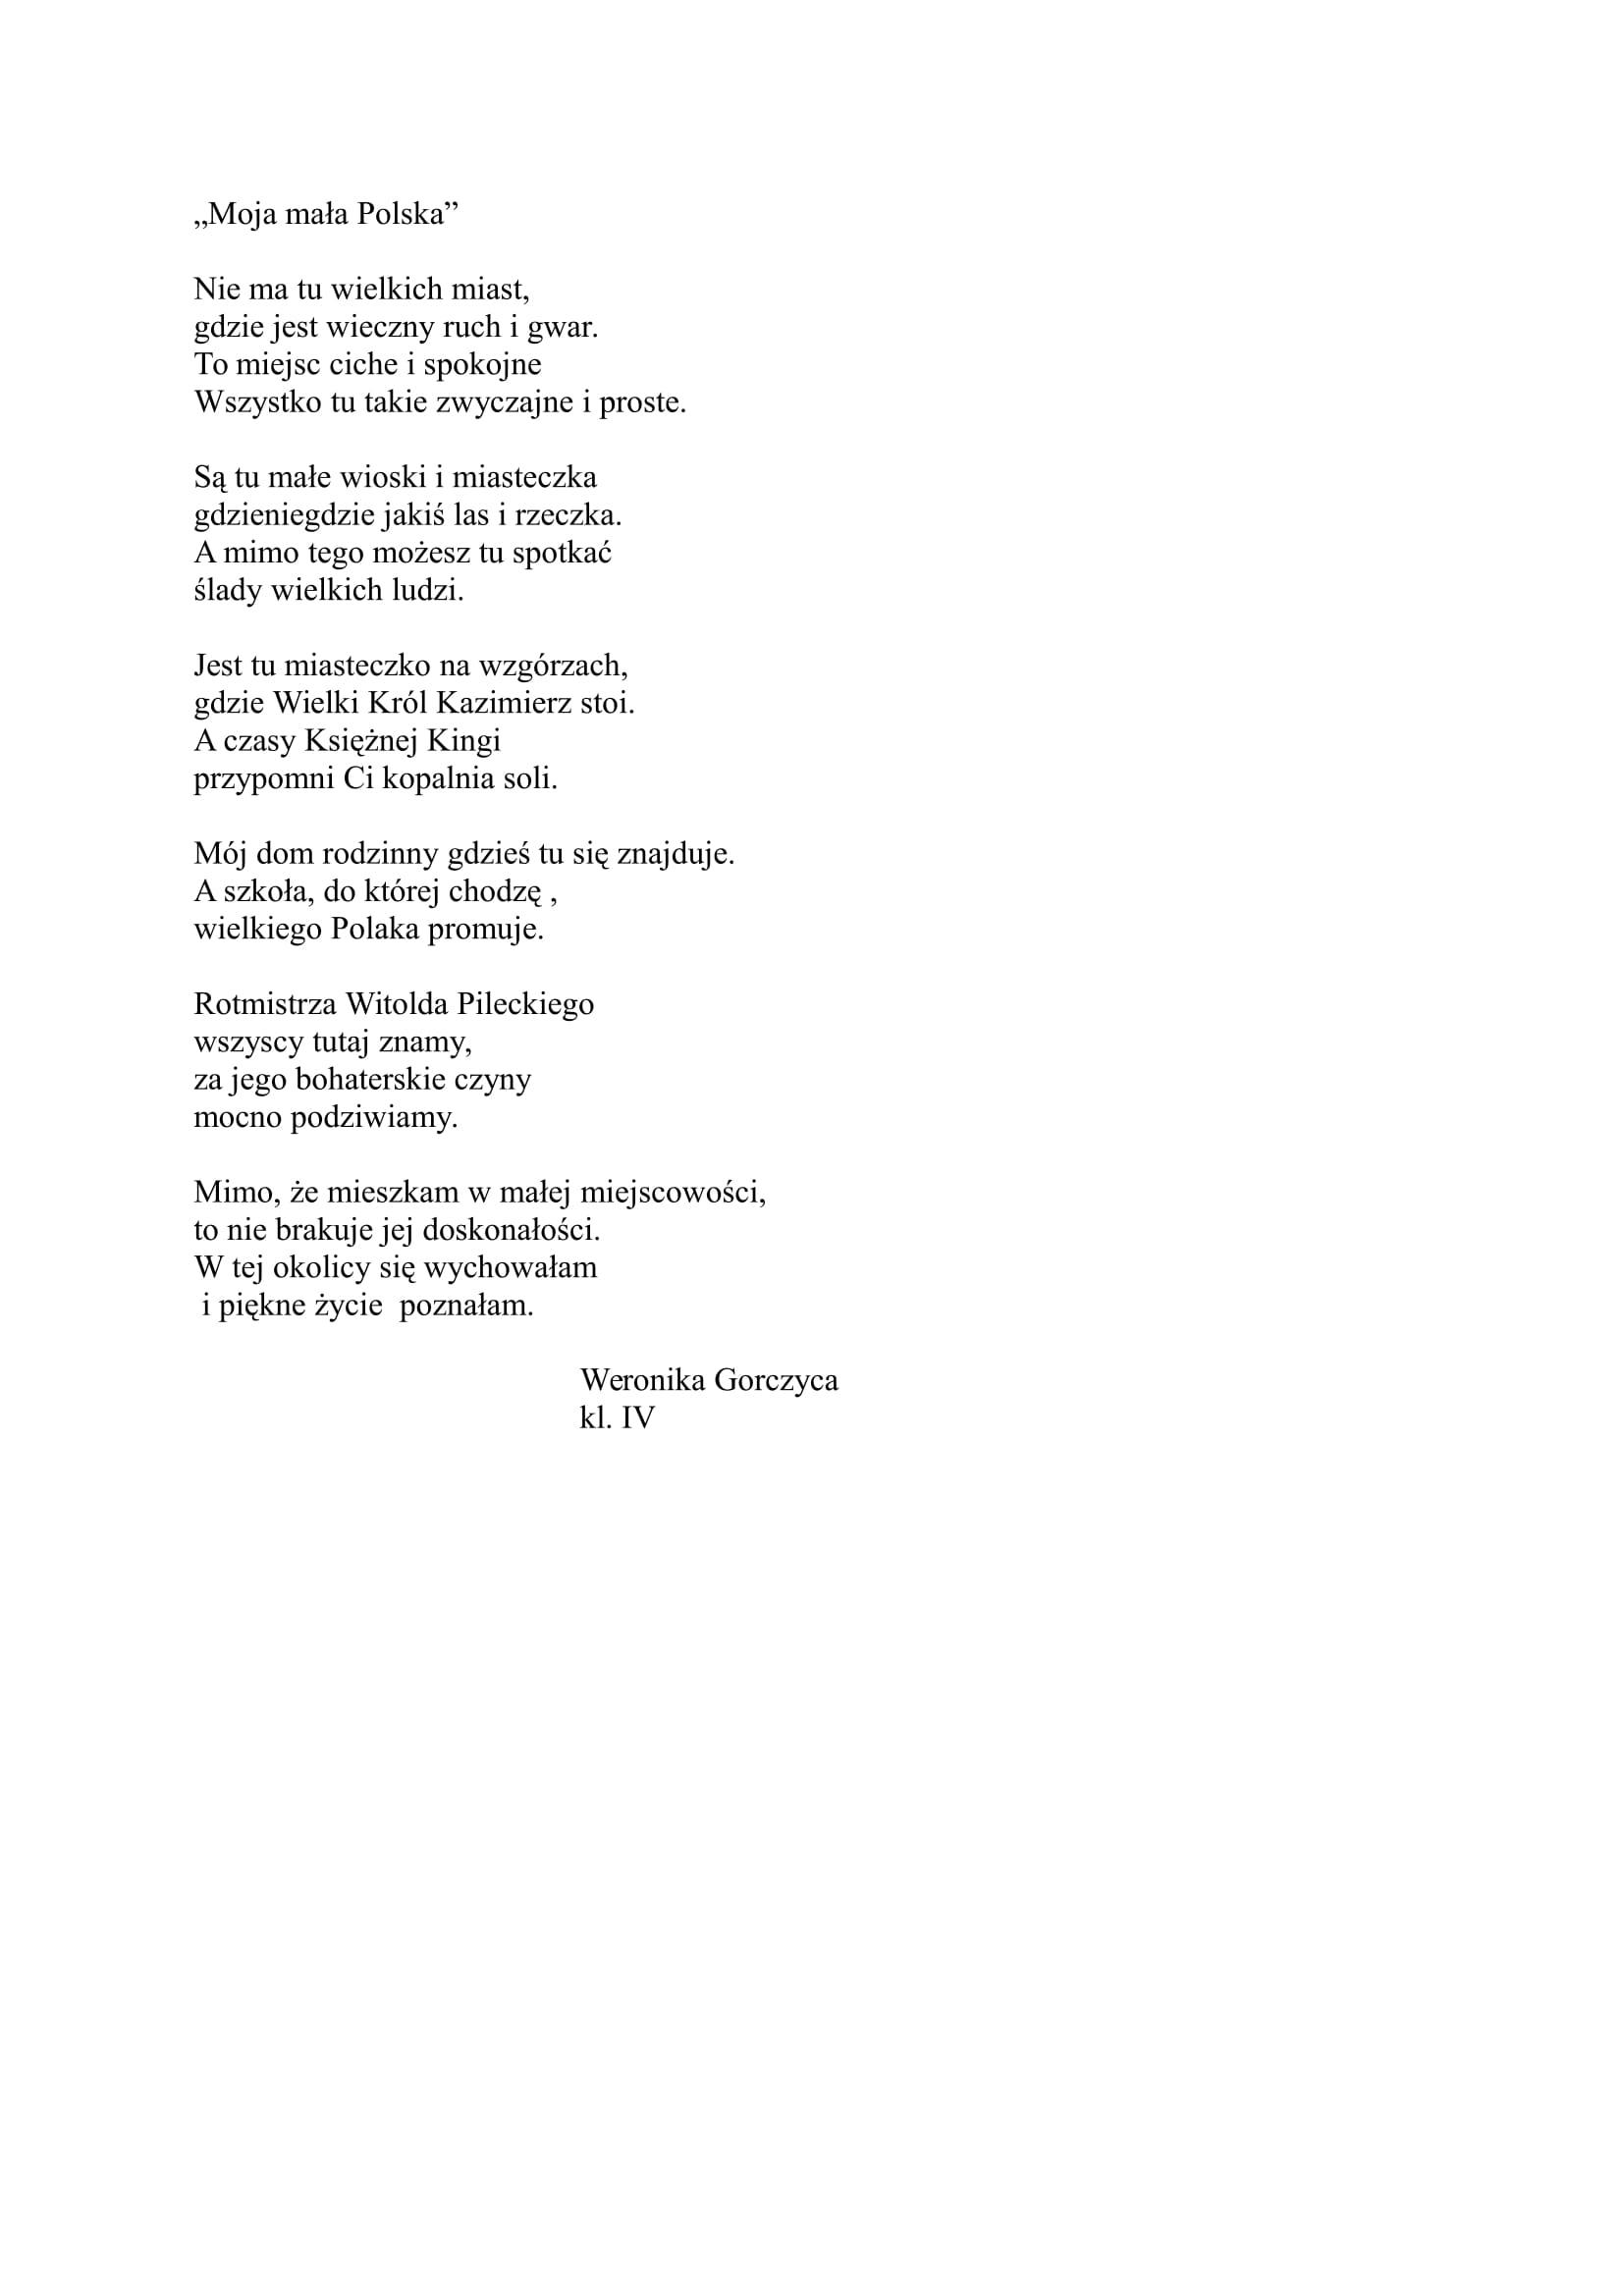 Moja mała Polska - Weronika Gorczyca-1